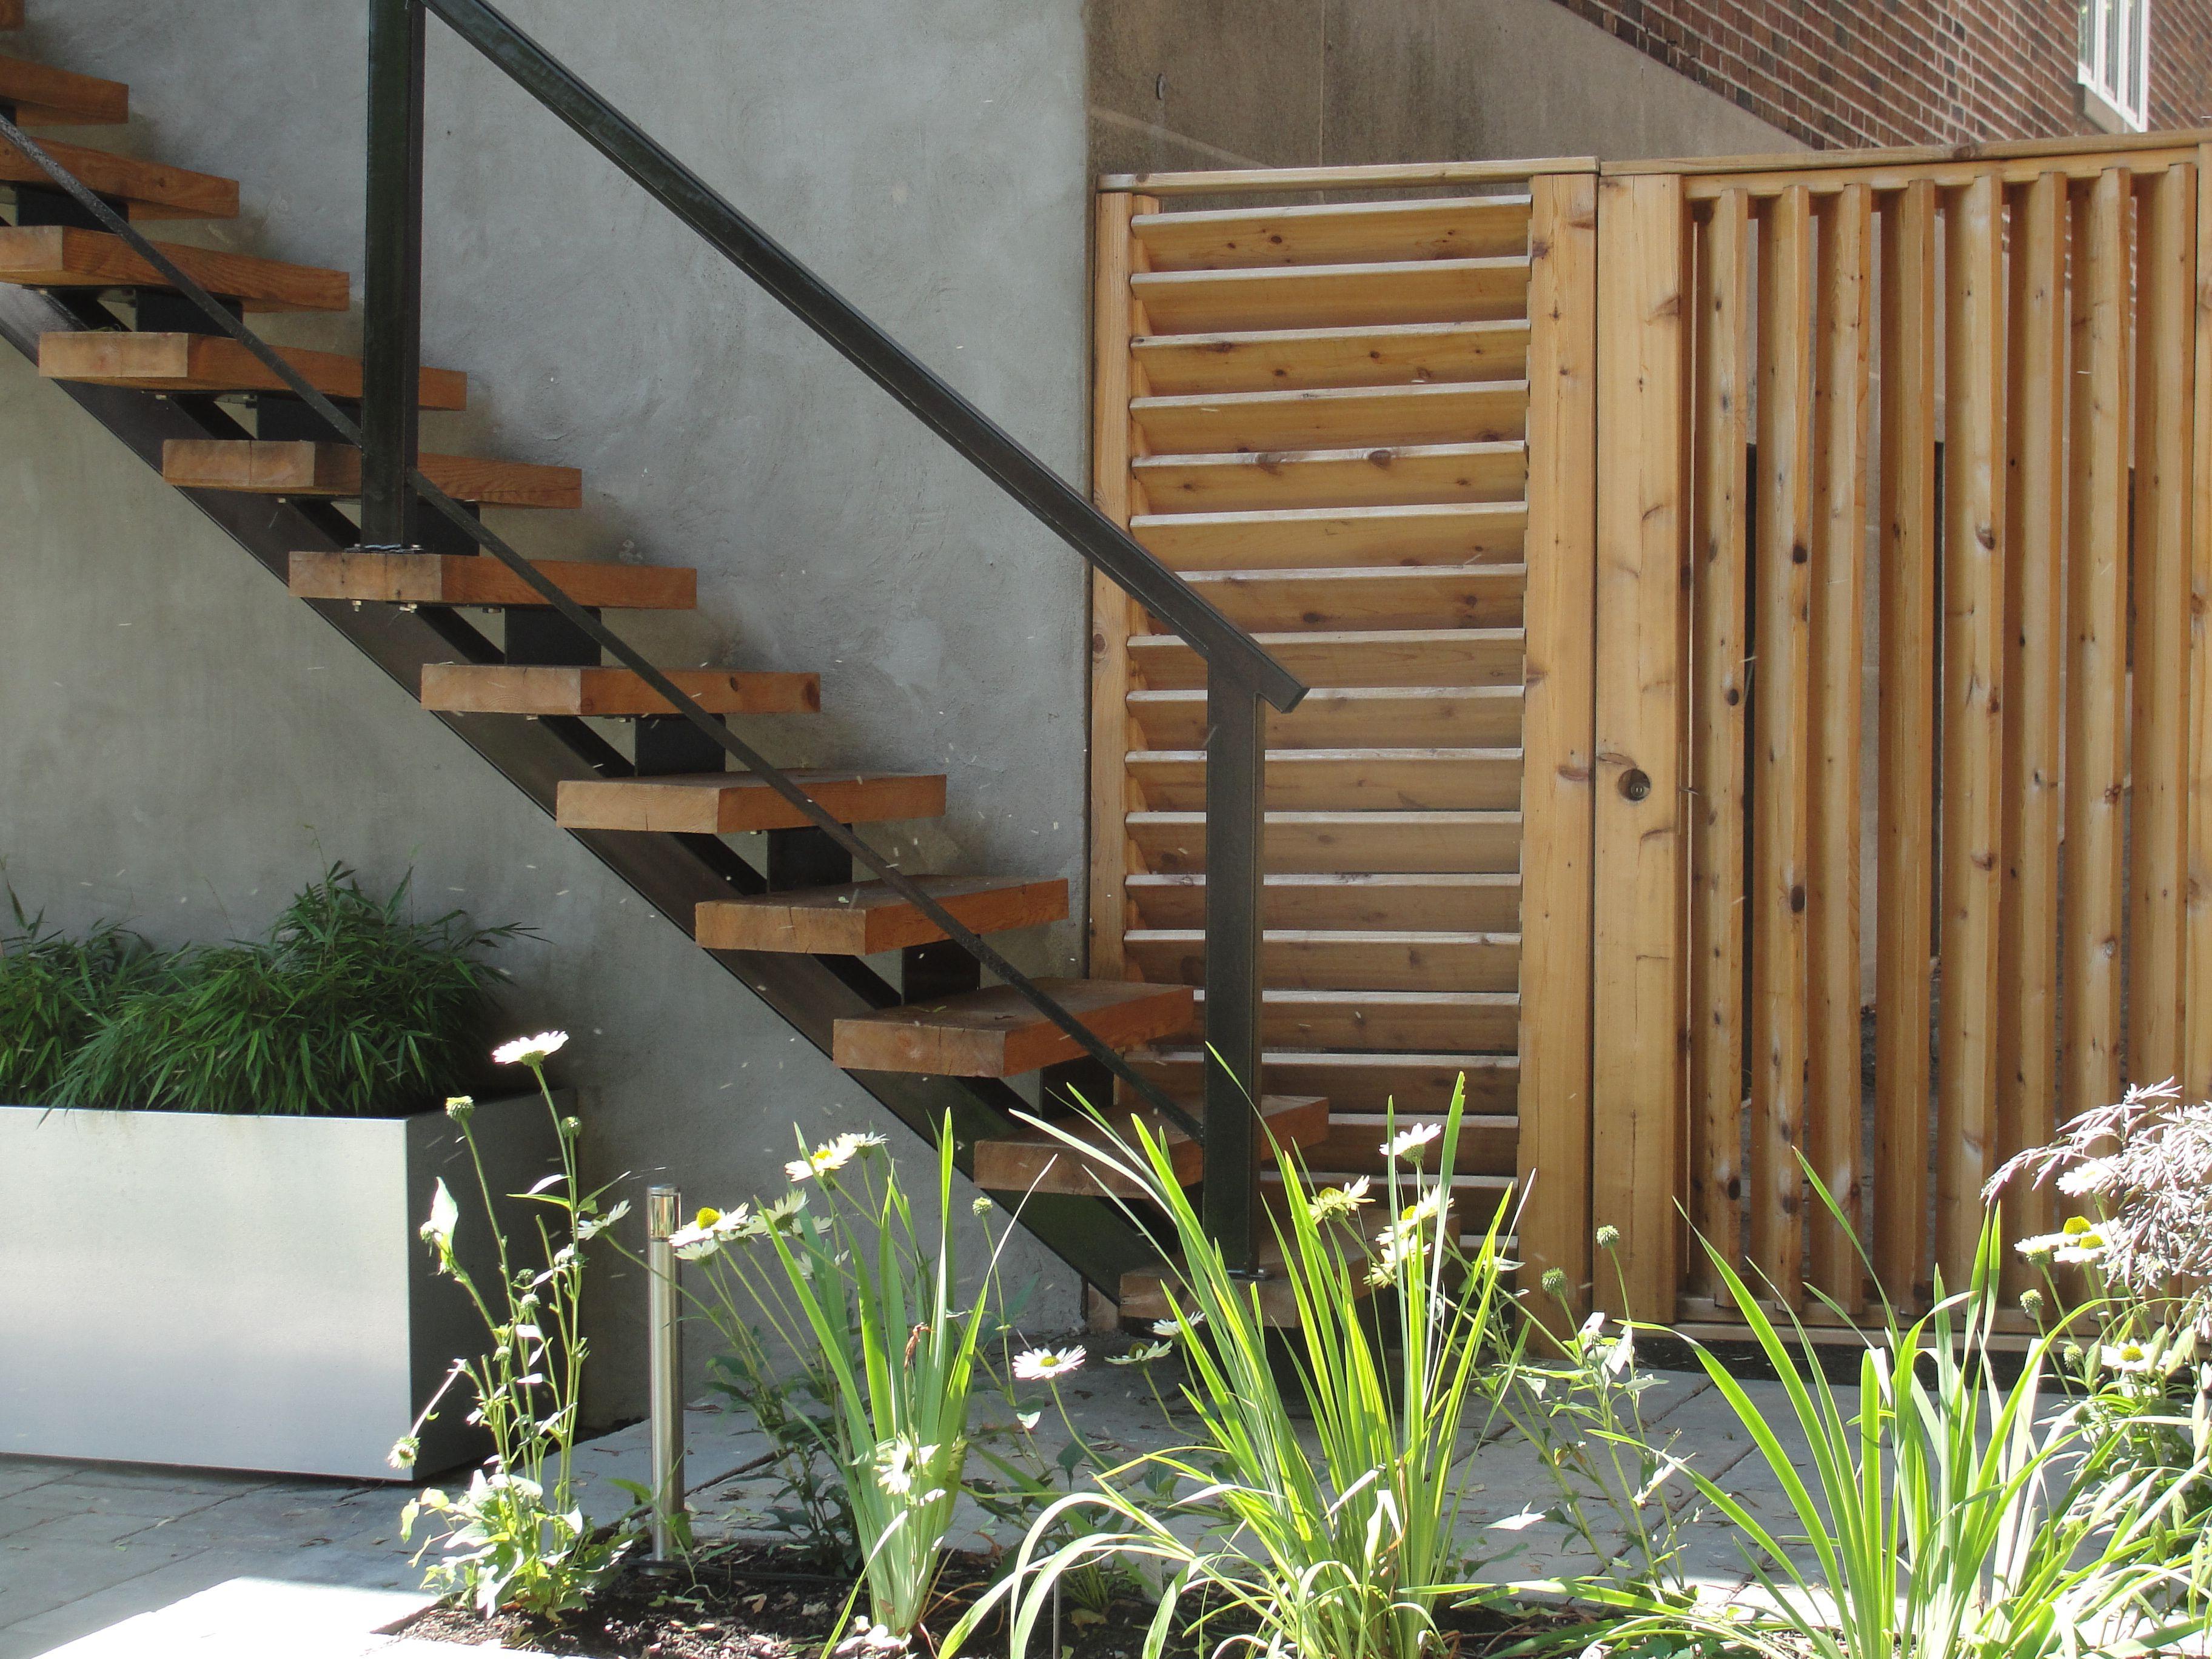 Am nagement paysager escalier moderne en bois cl ture en for Escalier paysager